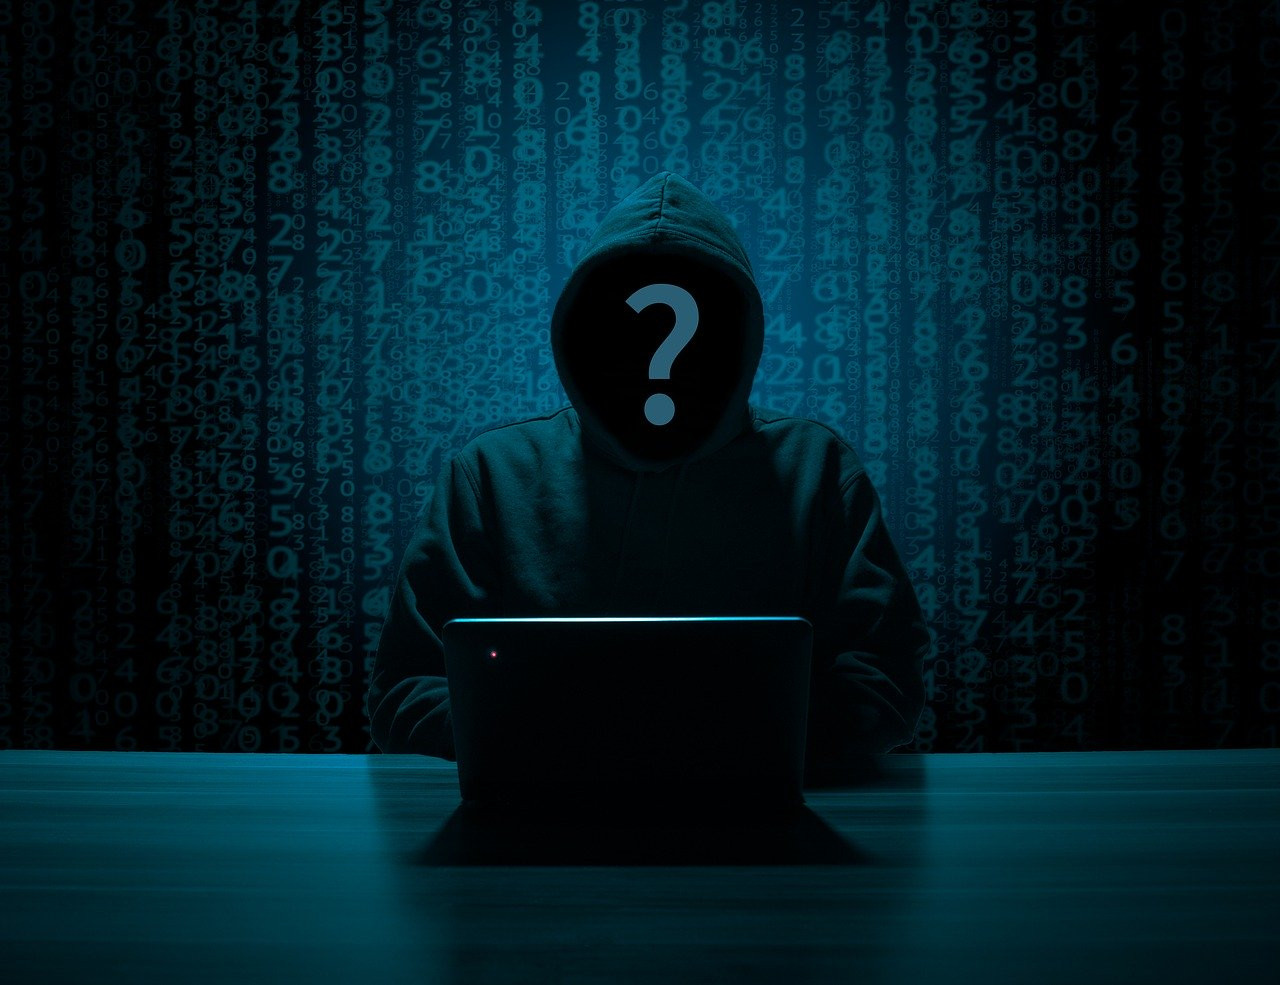 02081248241 HMRC Scam Calls  Beware